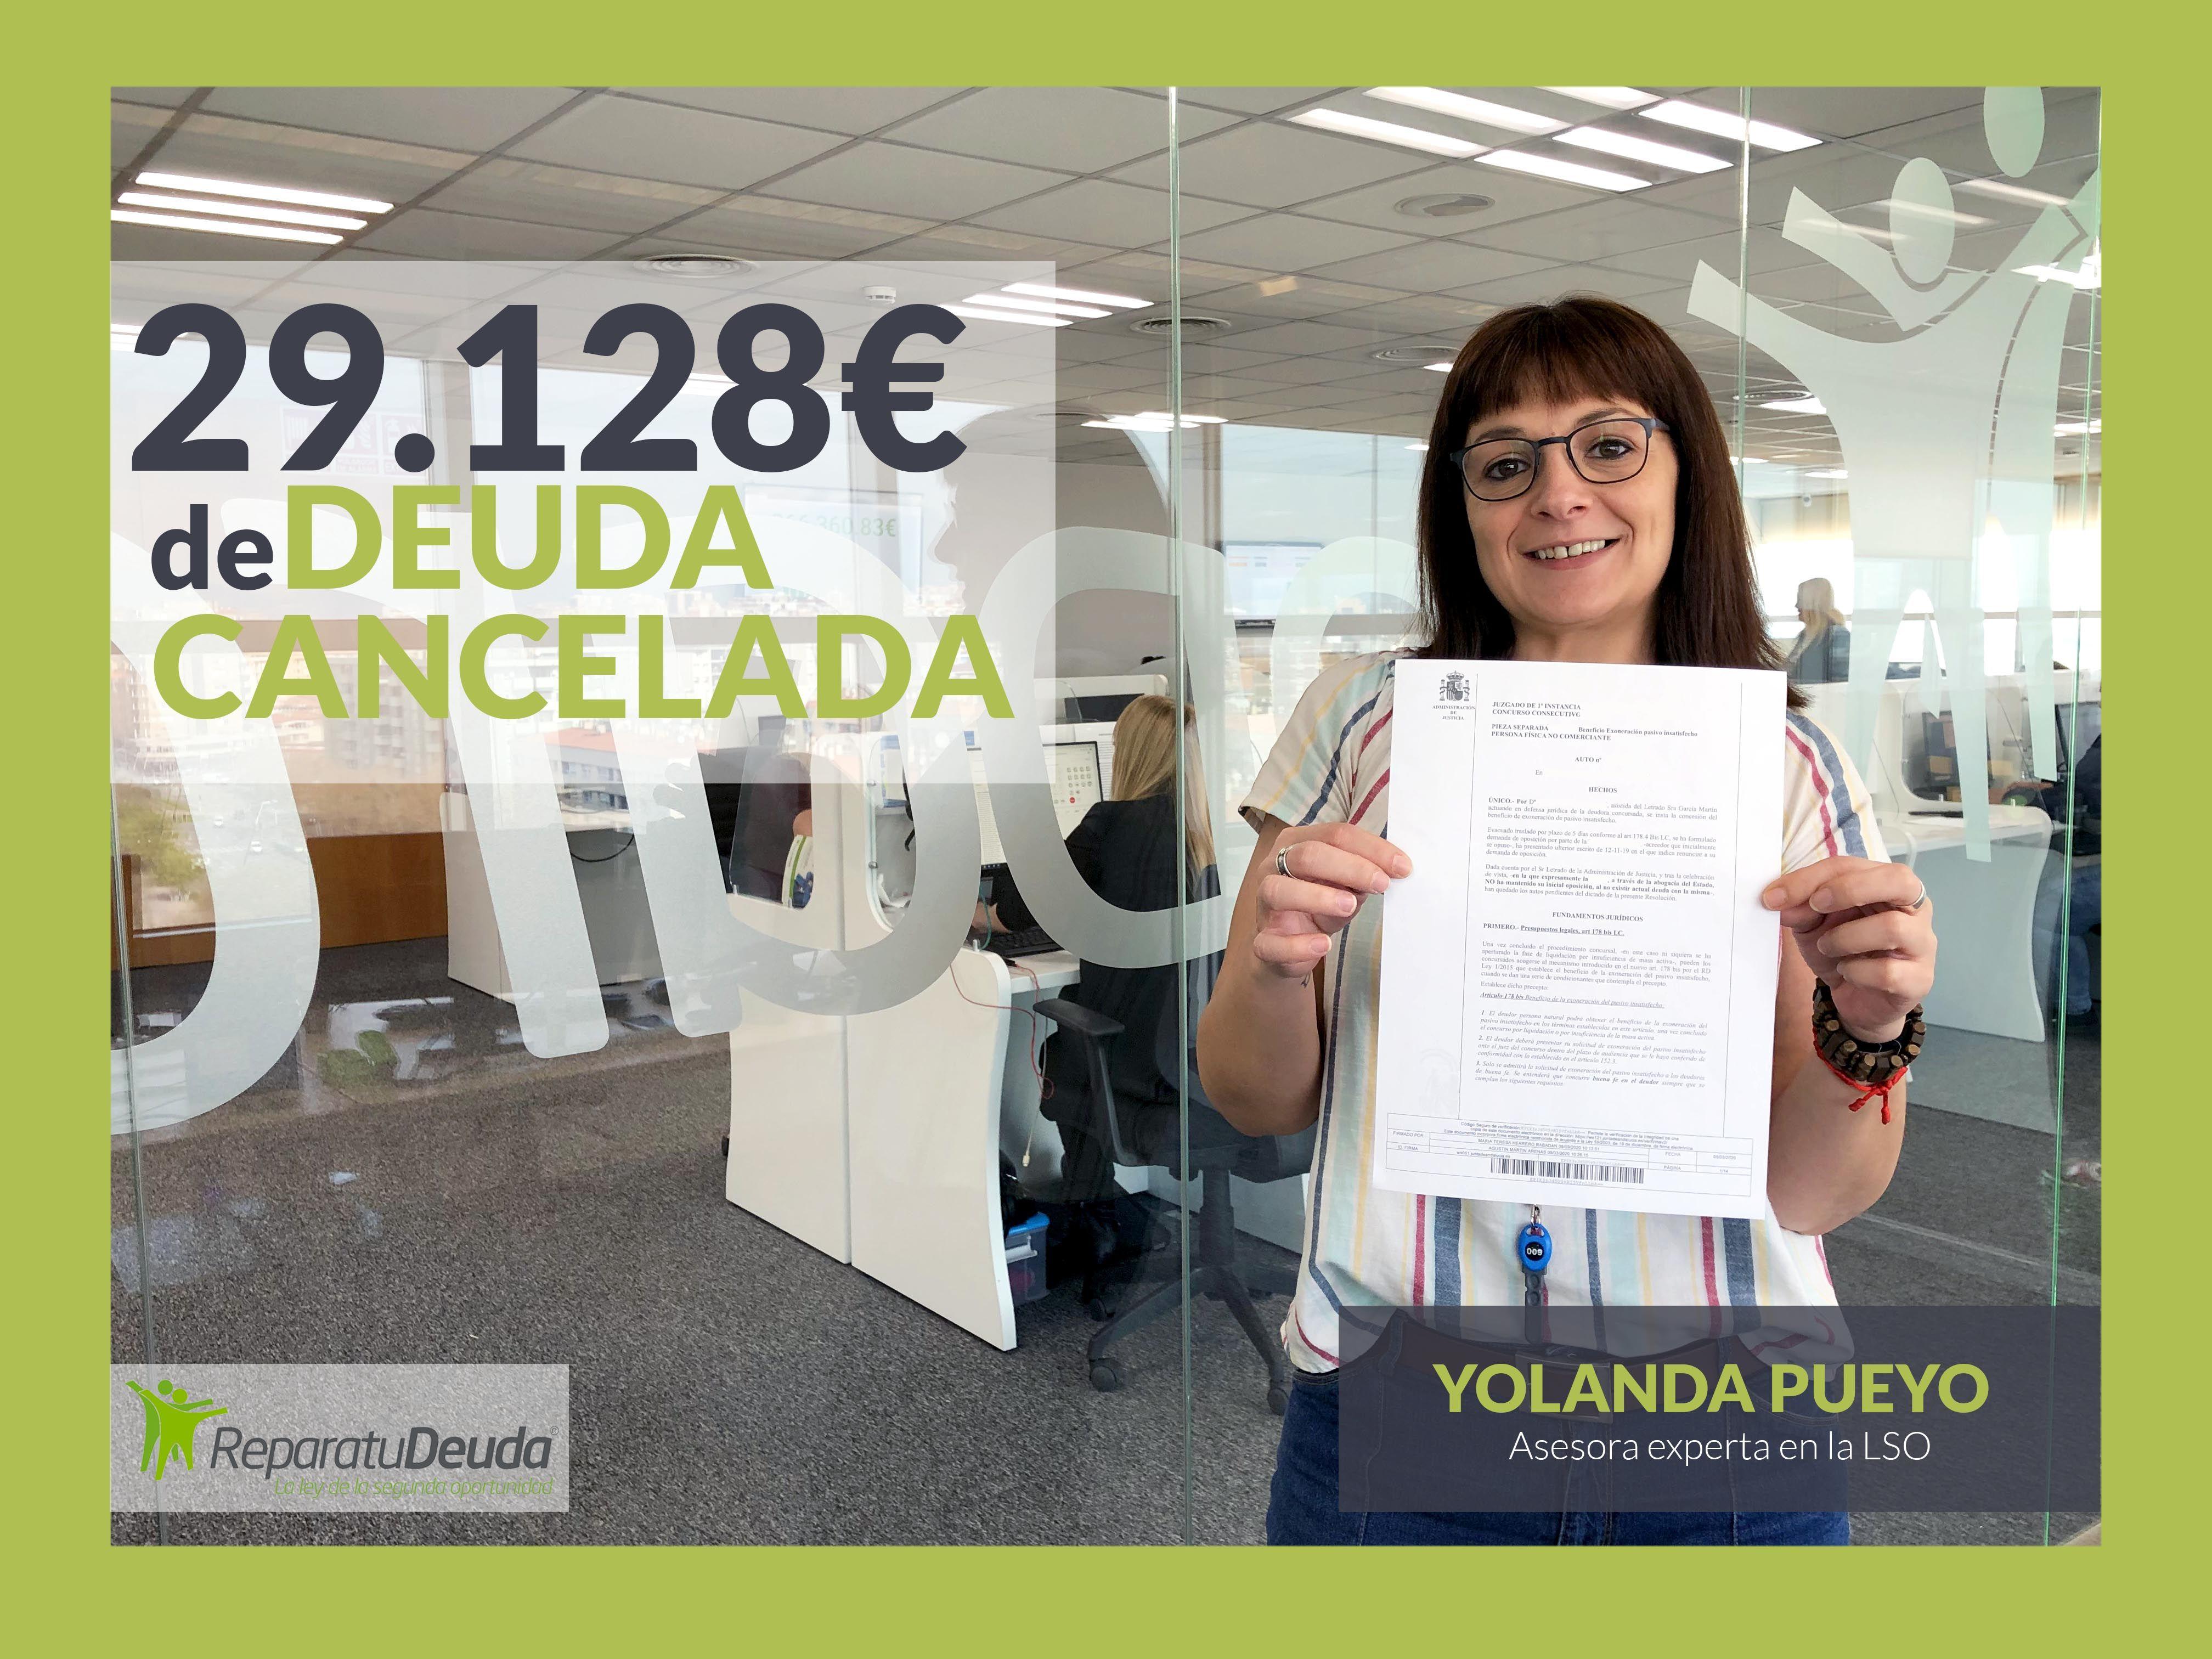 Repara tu deuda Abogados cancela 29.128 ? de deuda en Barcelona mediante la Ley de Segunda Oportunidad